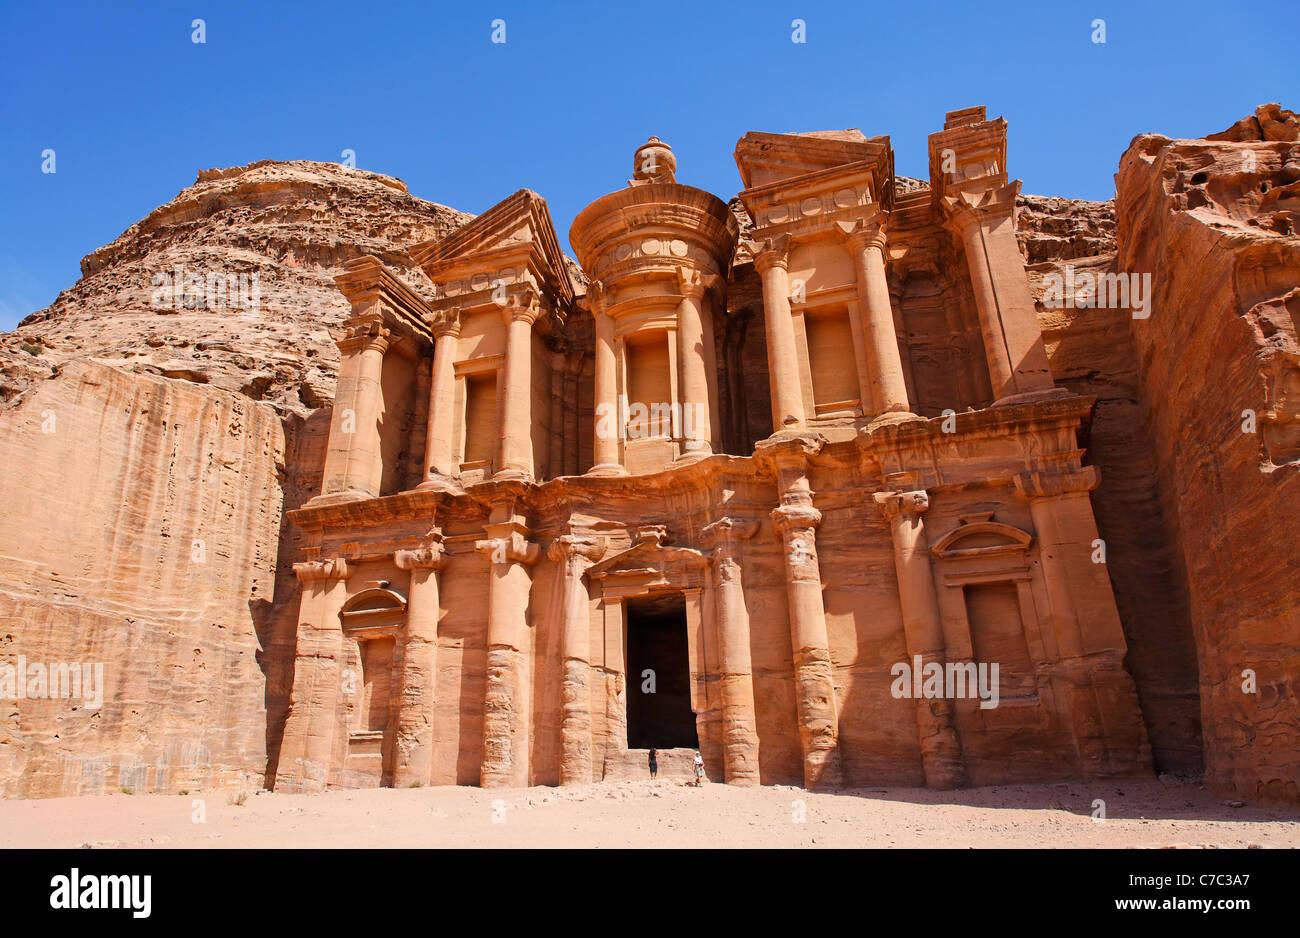 El monasterio, esculpidas en la roca, en Petra (Jordania) Imagen De Stock